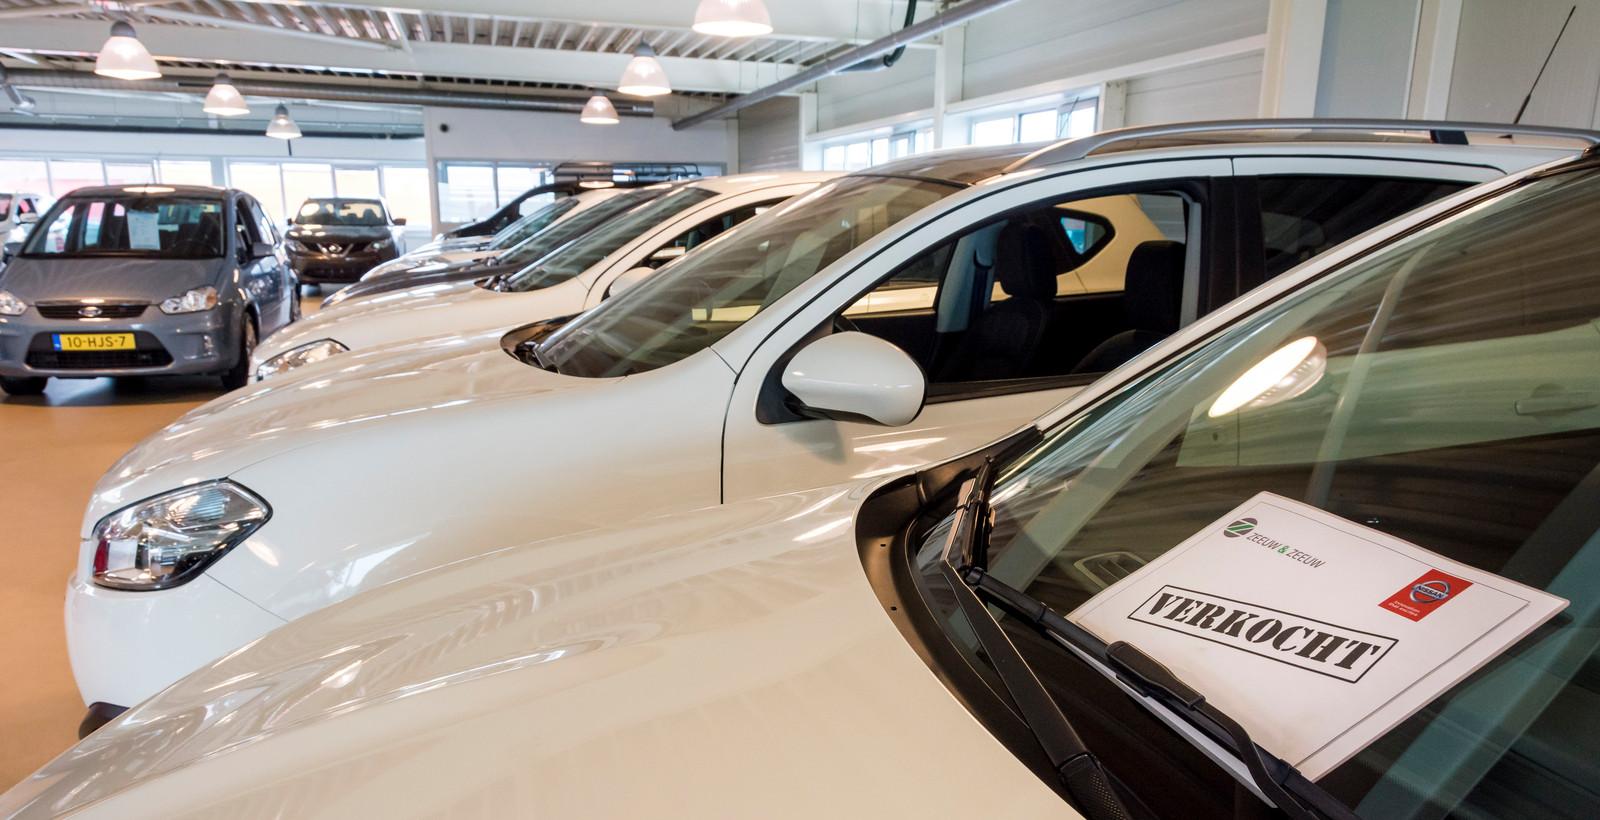 Het gaat goed met de auto- en motorbranche: in het derde kwartaal van dit jaar steeg de omzet met ruim 5 procent.